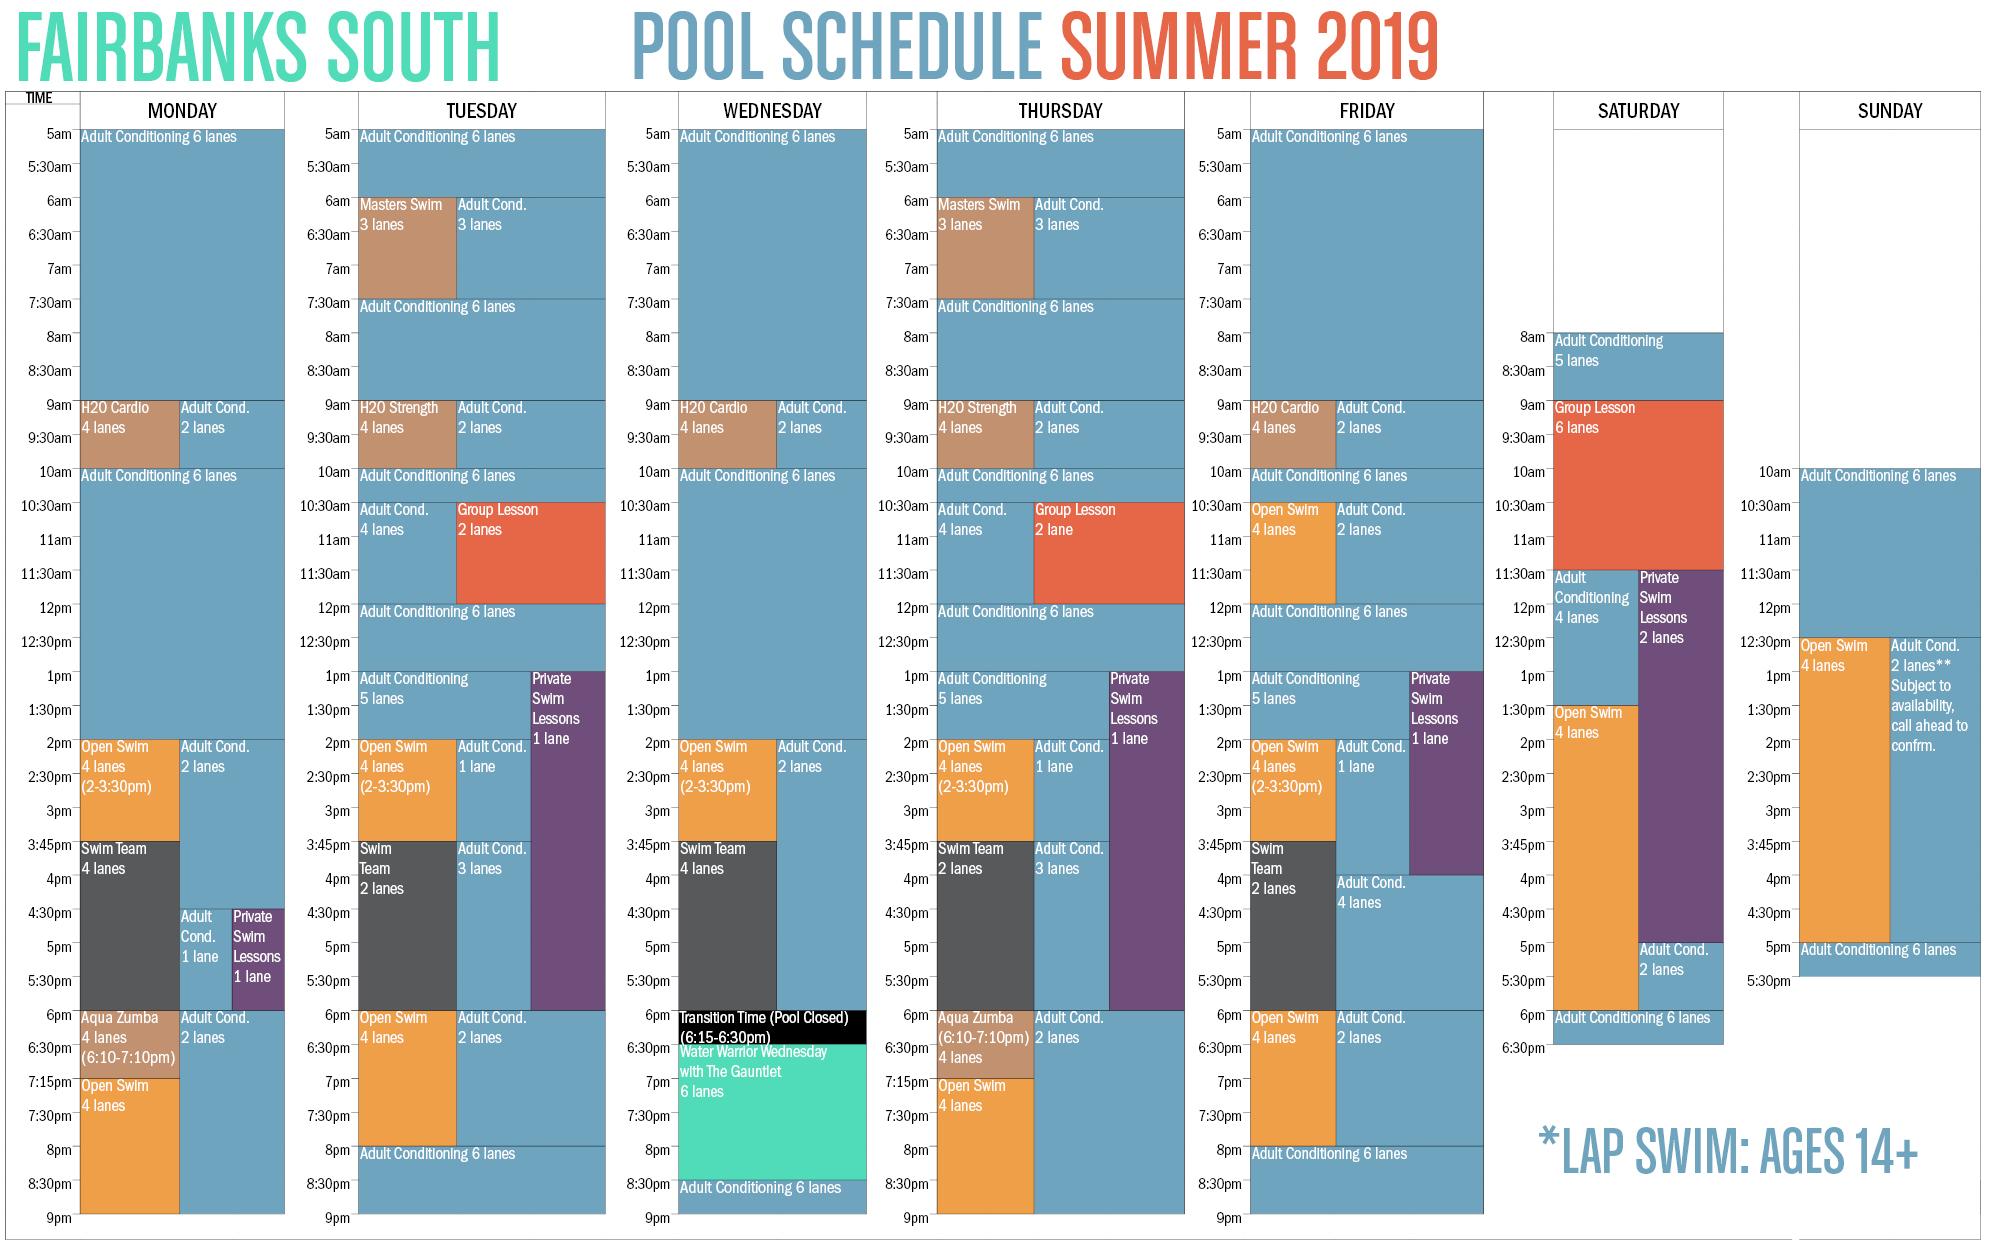 Q3 Summer Fairbanks Pool